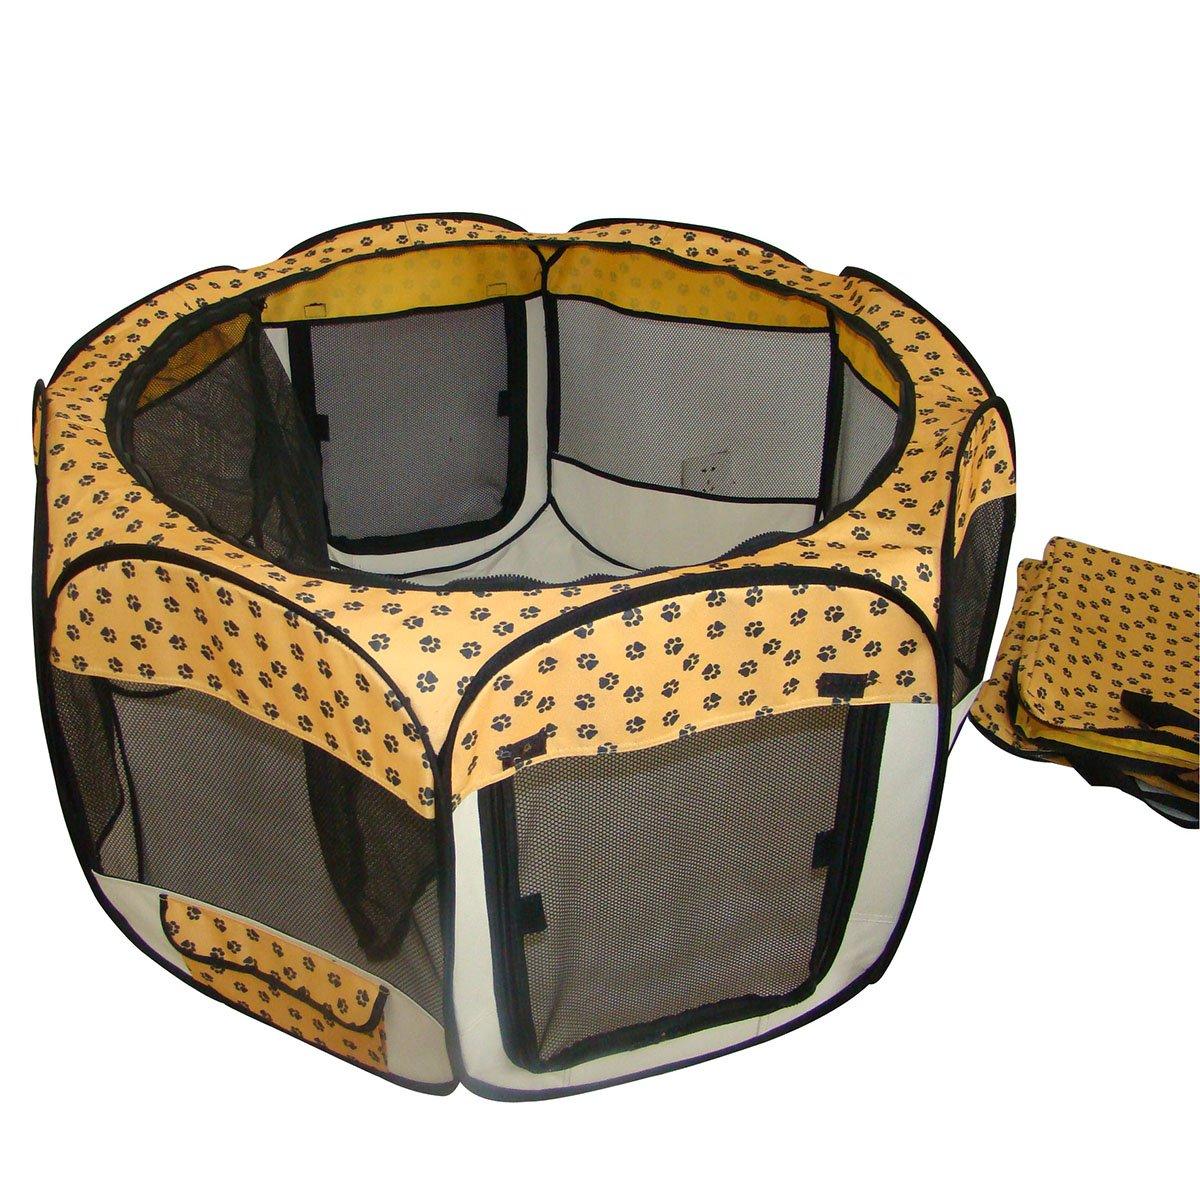 BestPet Pet Dog Cat Tent Puppy Playpen Exercise Pen